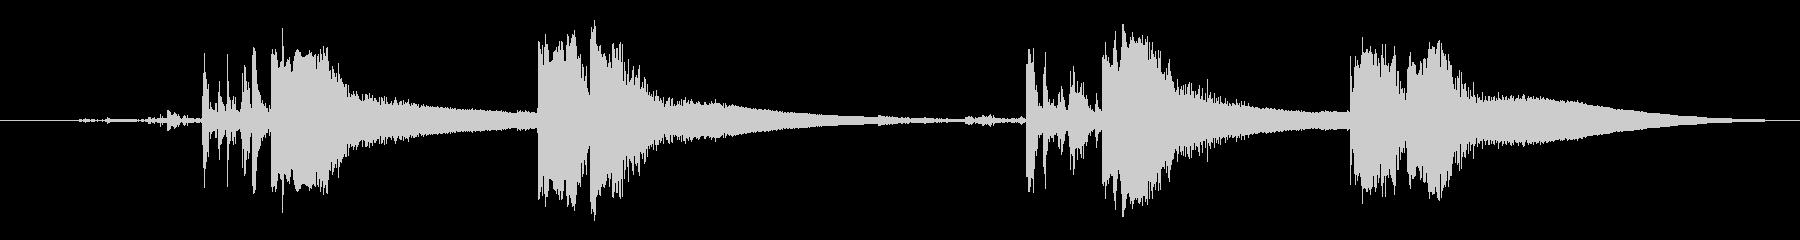 ガンコッキングの未再生の波形